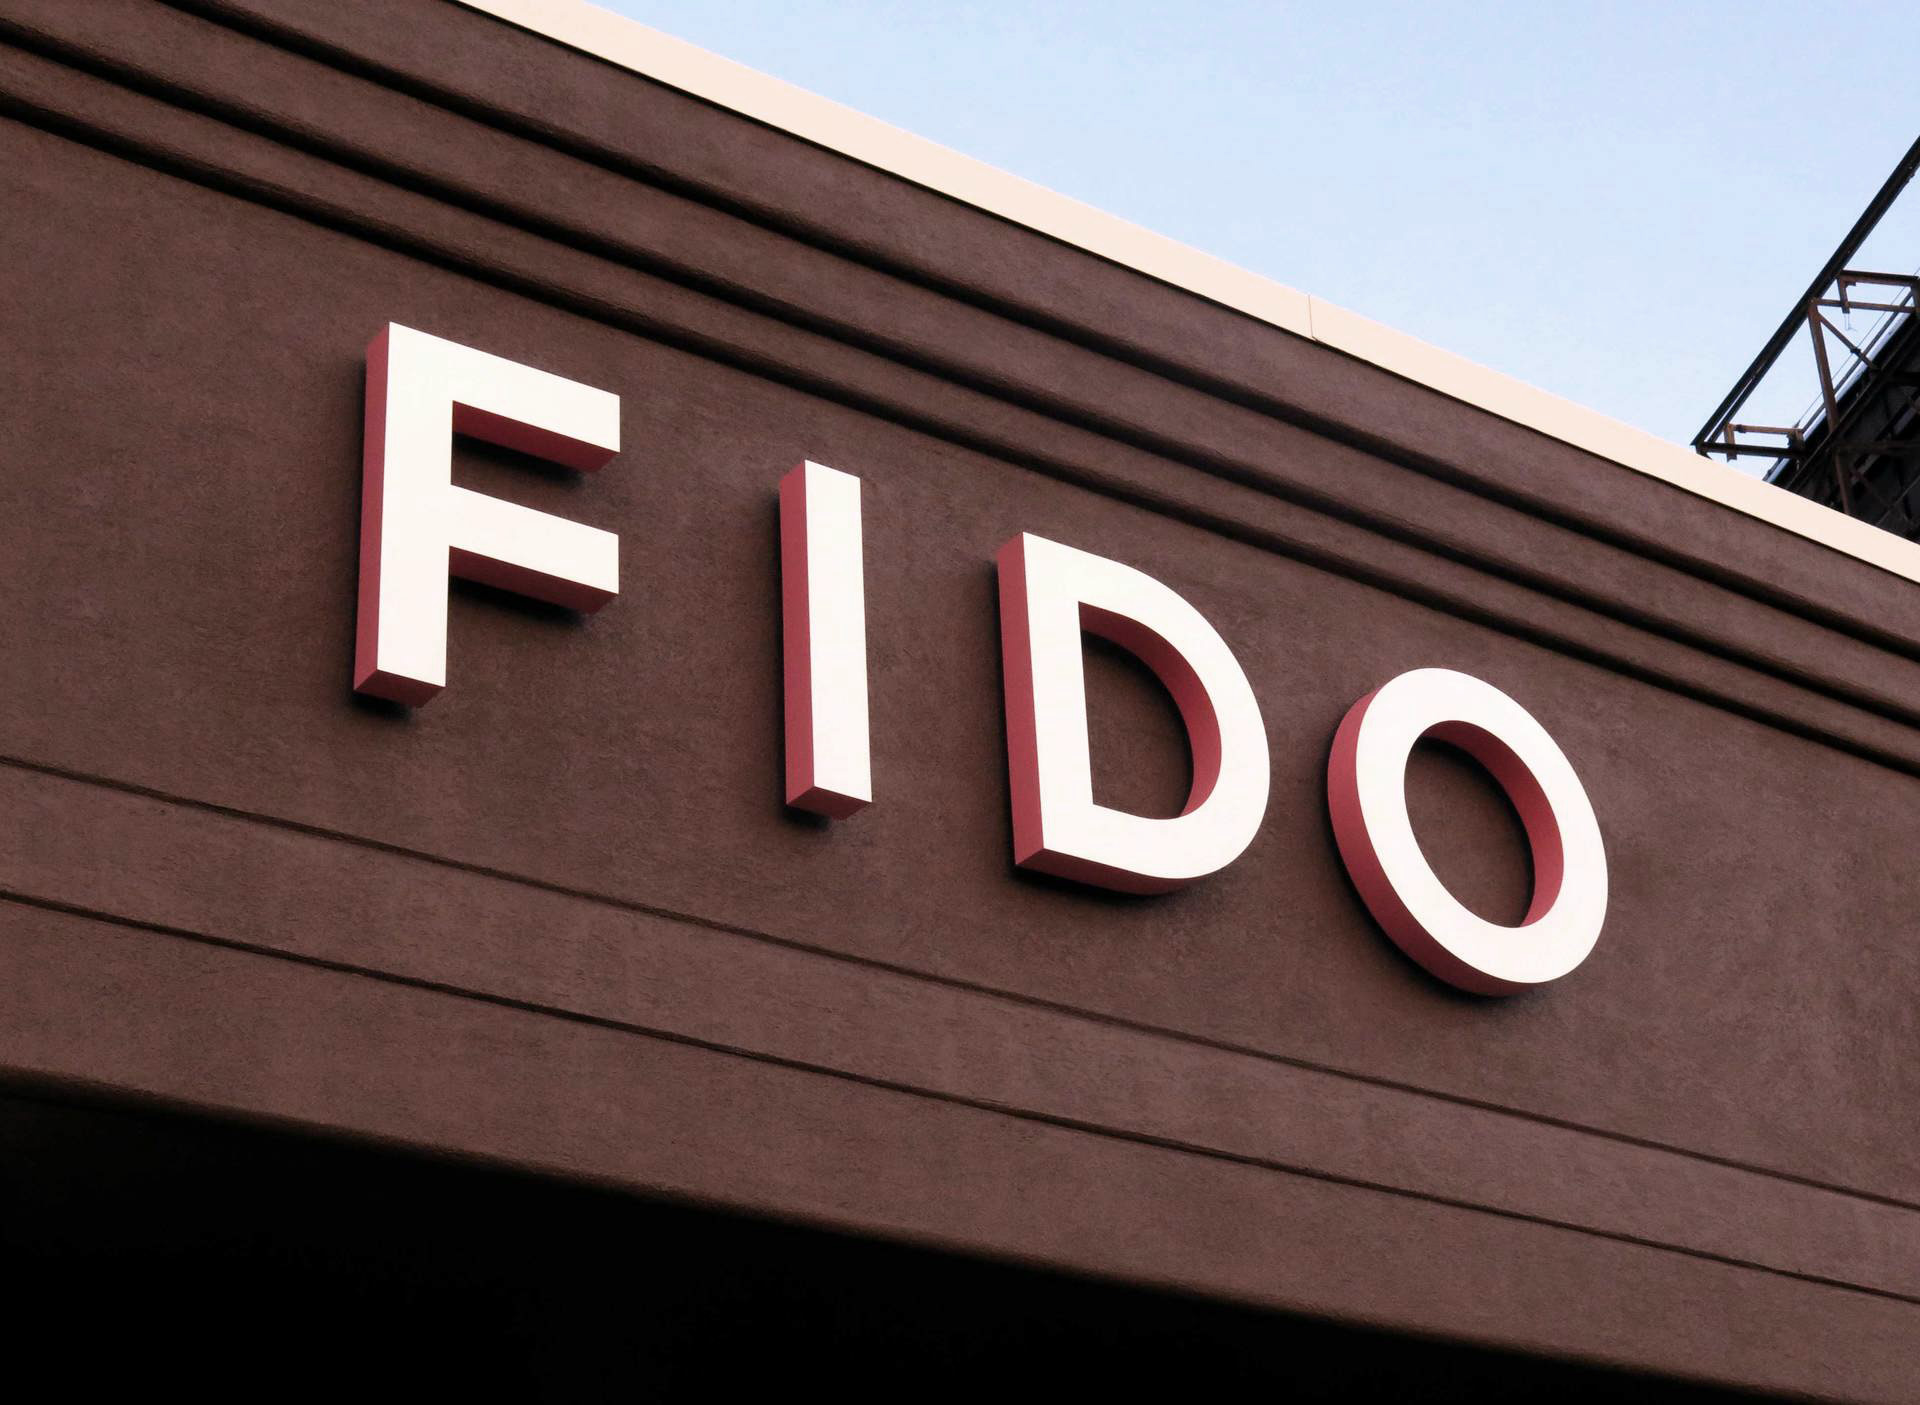 2016-fido-ext-03.jpg